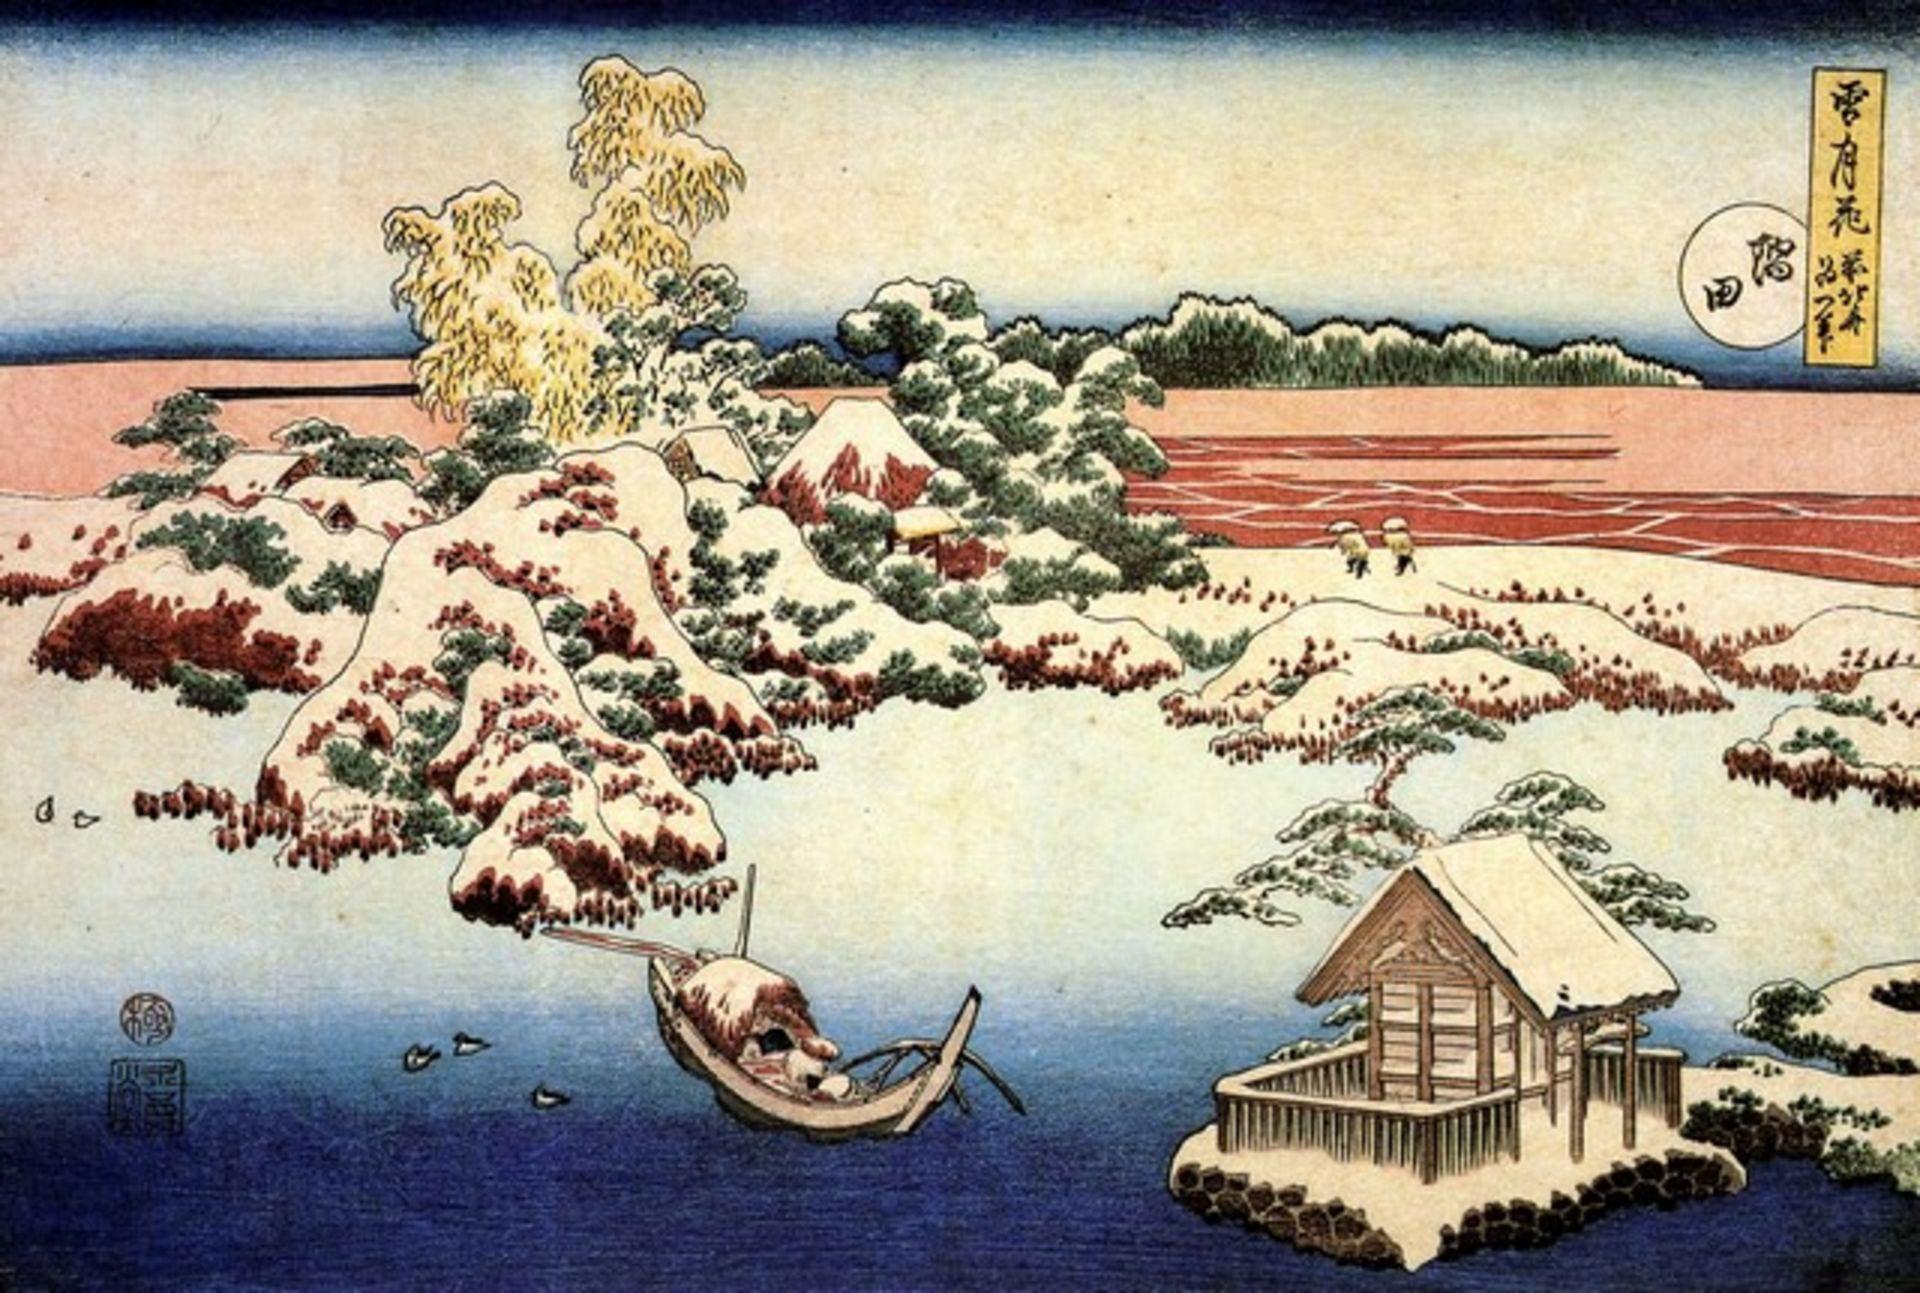 Hokusai - Winter Landscape of Suda